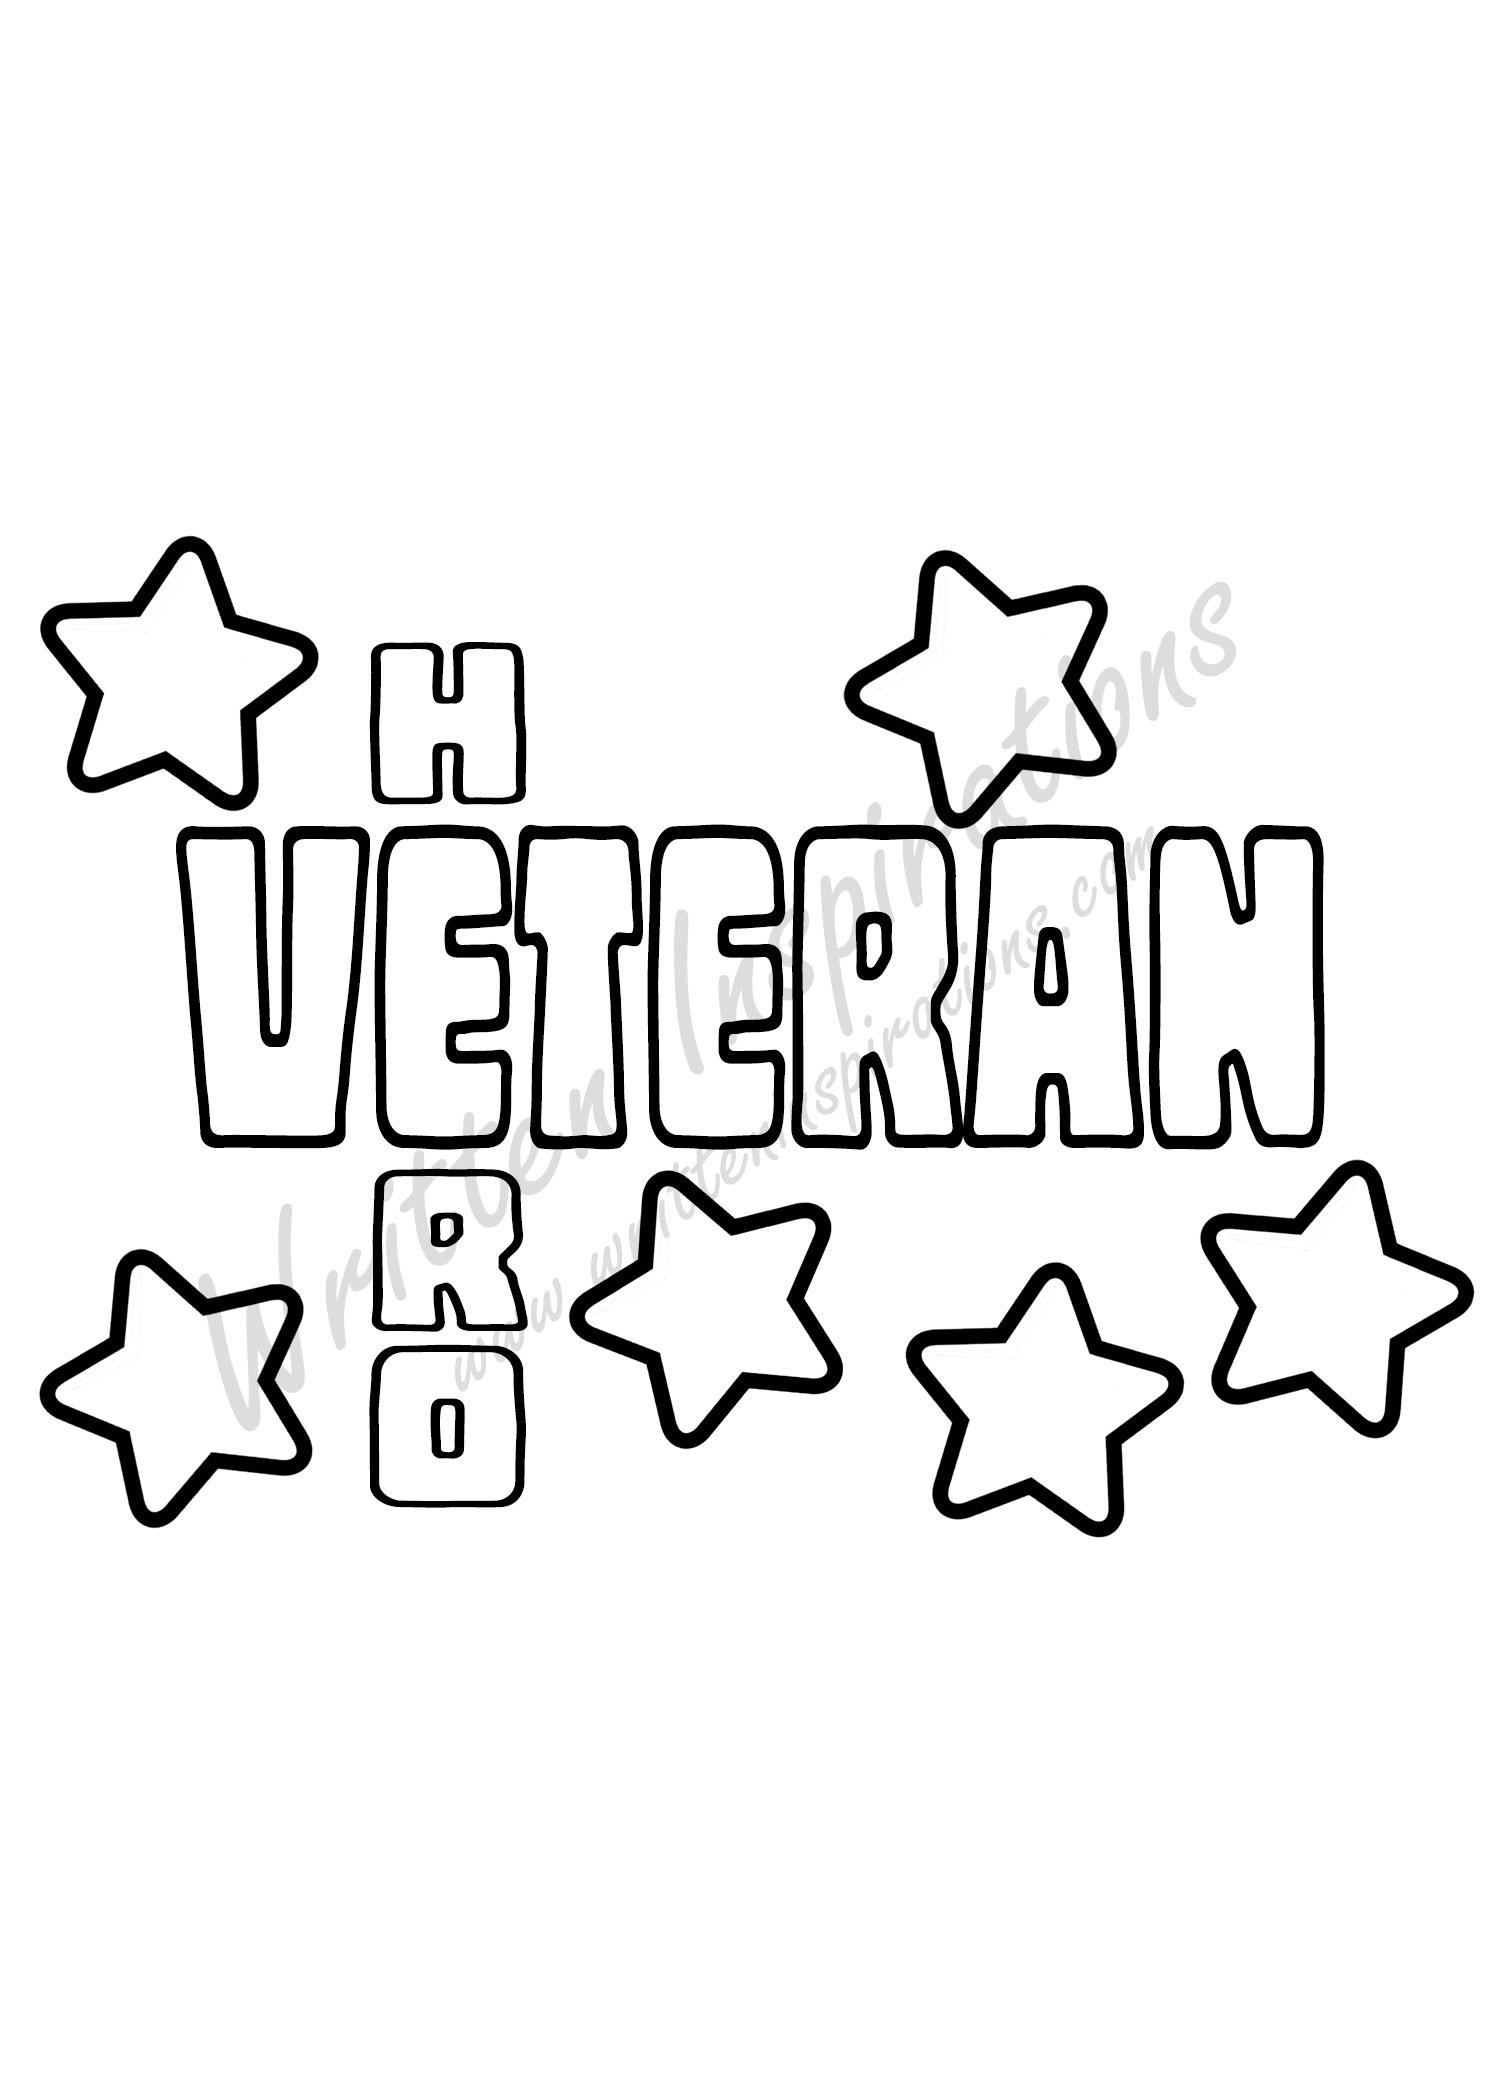 Veteran Hero.